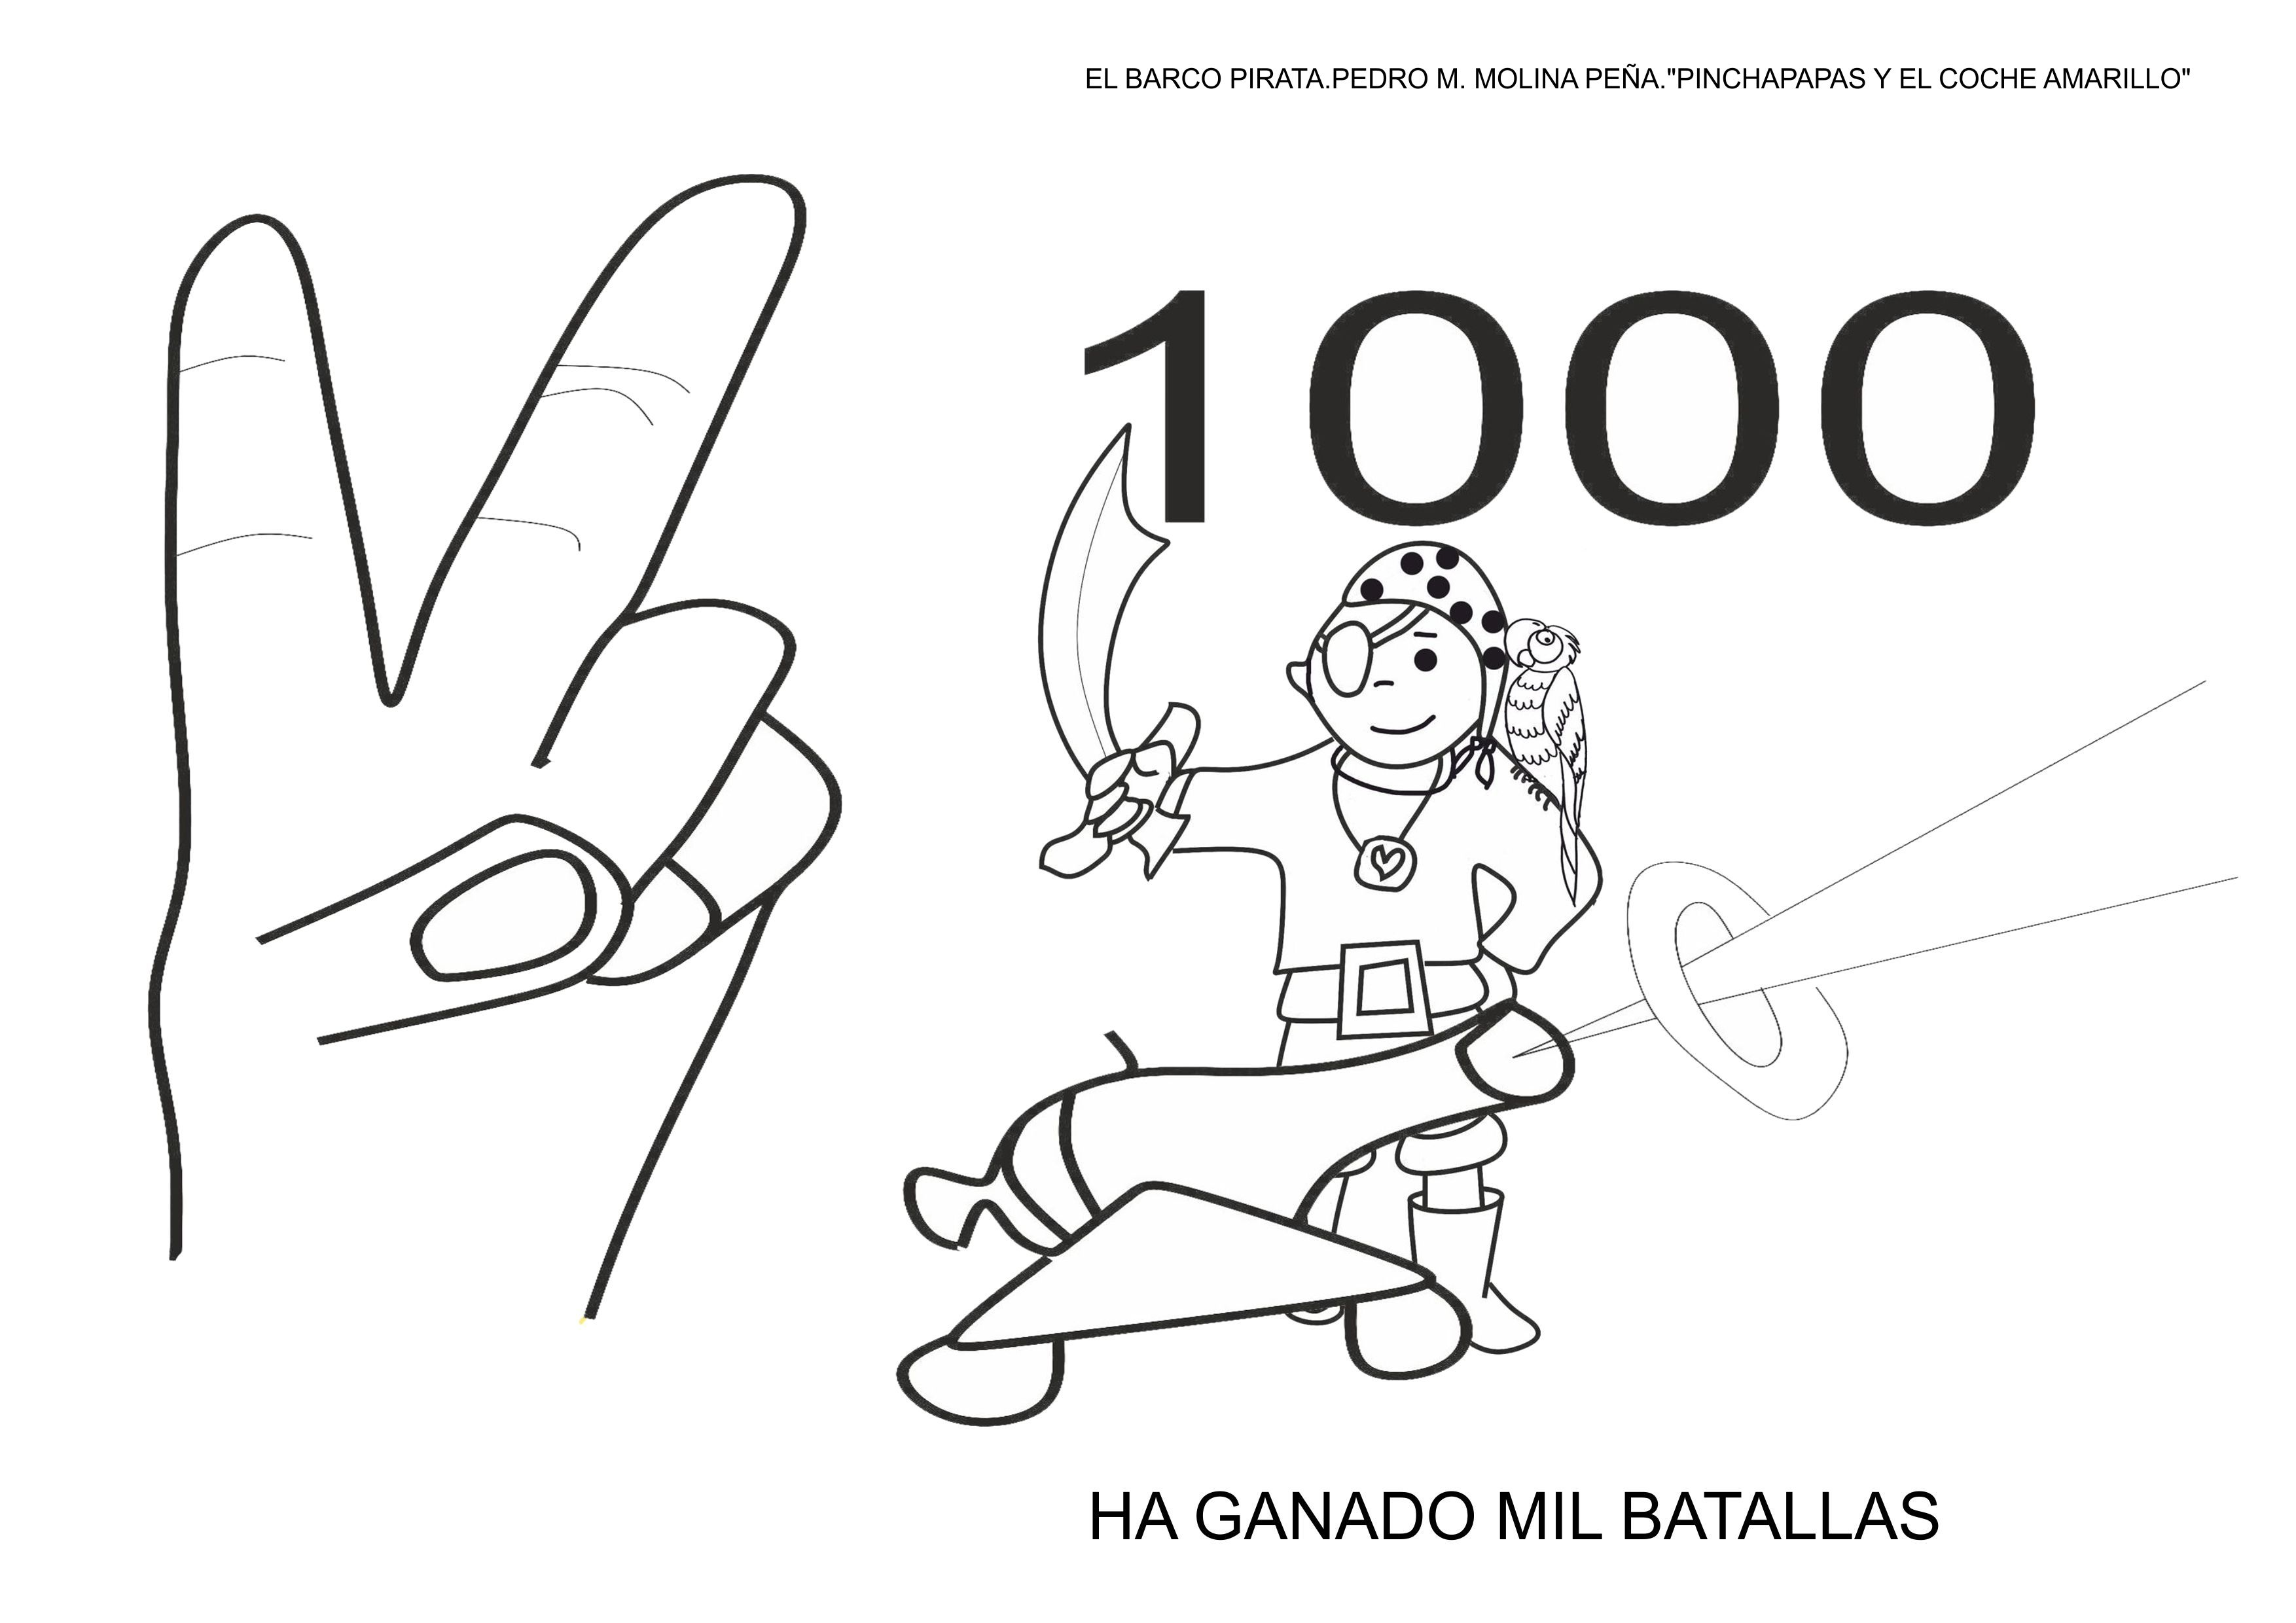 Bonito Barco Pirata Lego Para Colorear Imagen - Enmarcado Para ...